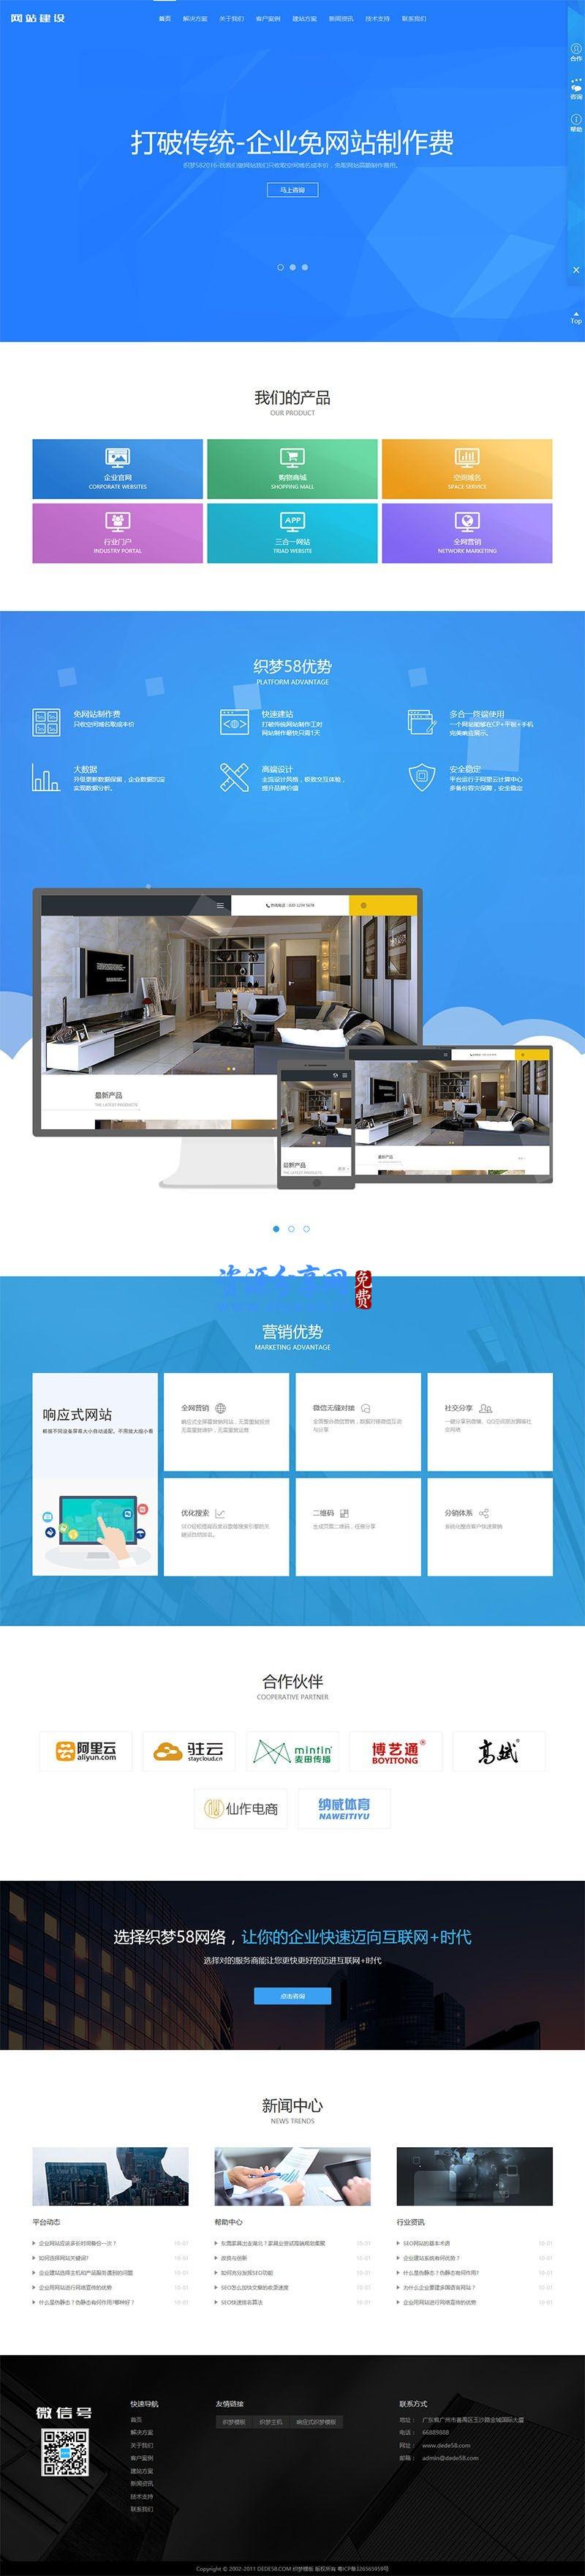 织梦响应式网络建设设计公司网站模板